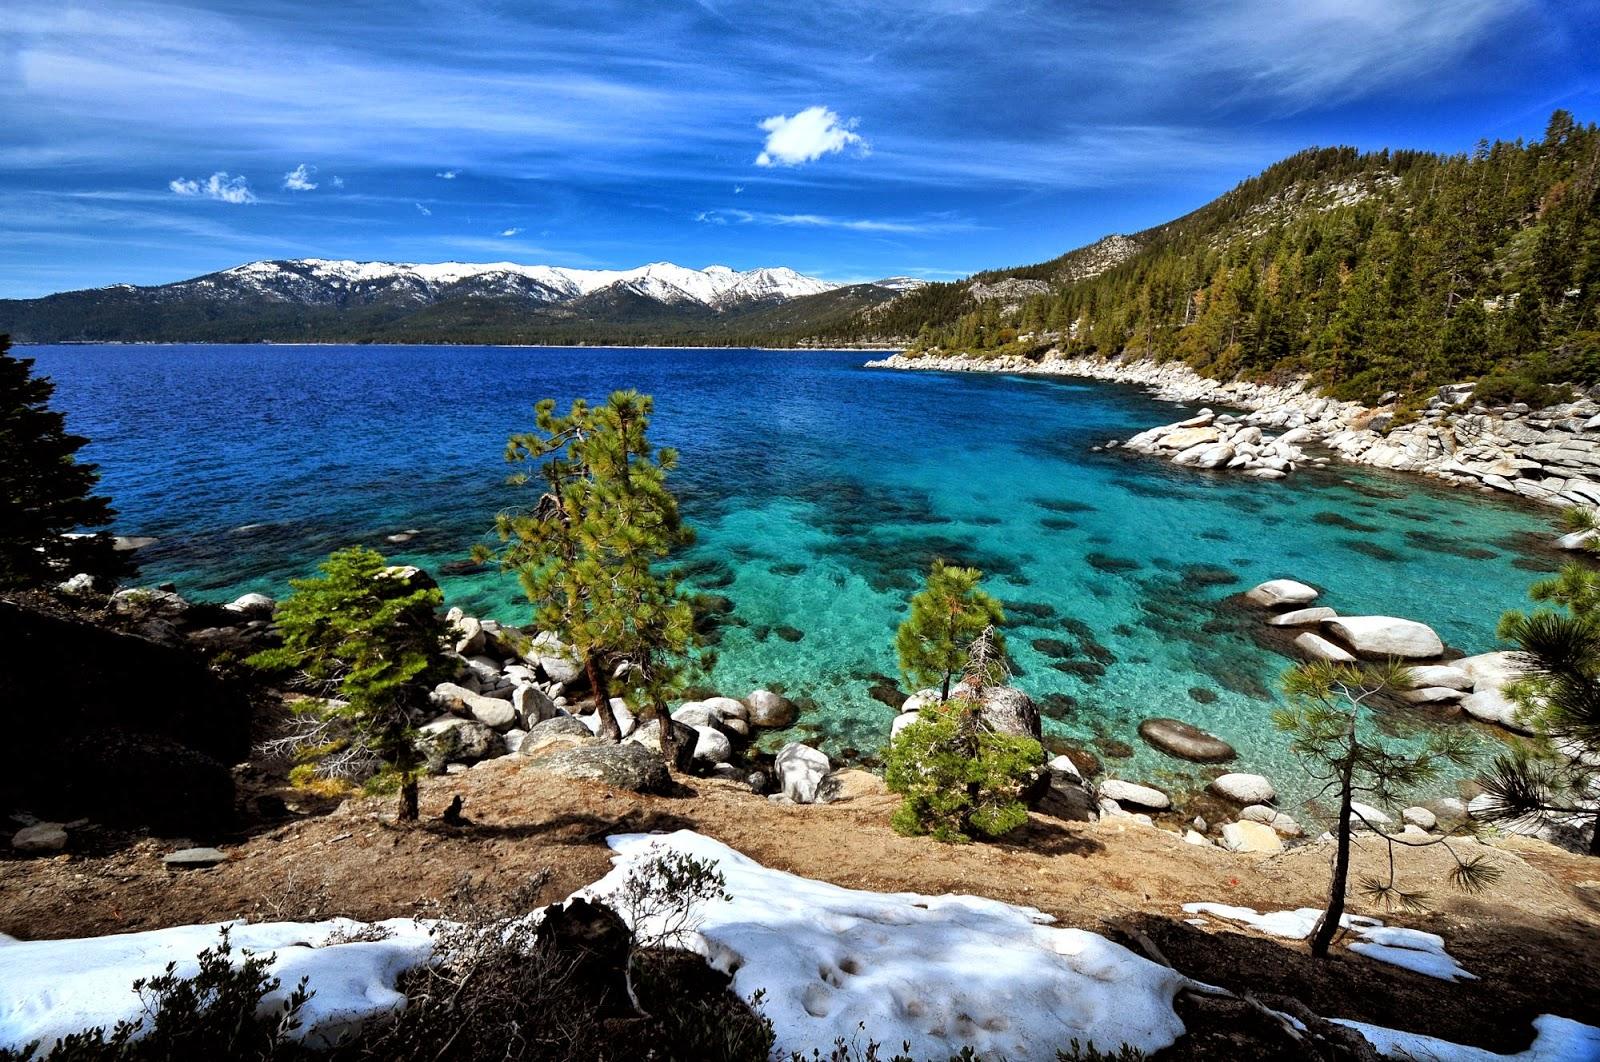 44 Lake Tahoe Wallpaper Free On Wallpapersafari